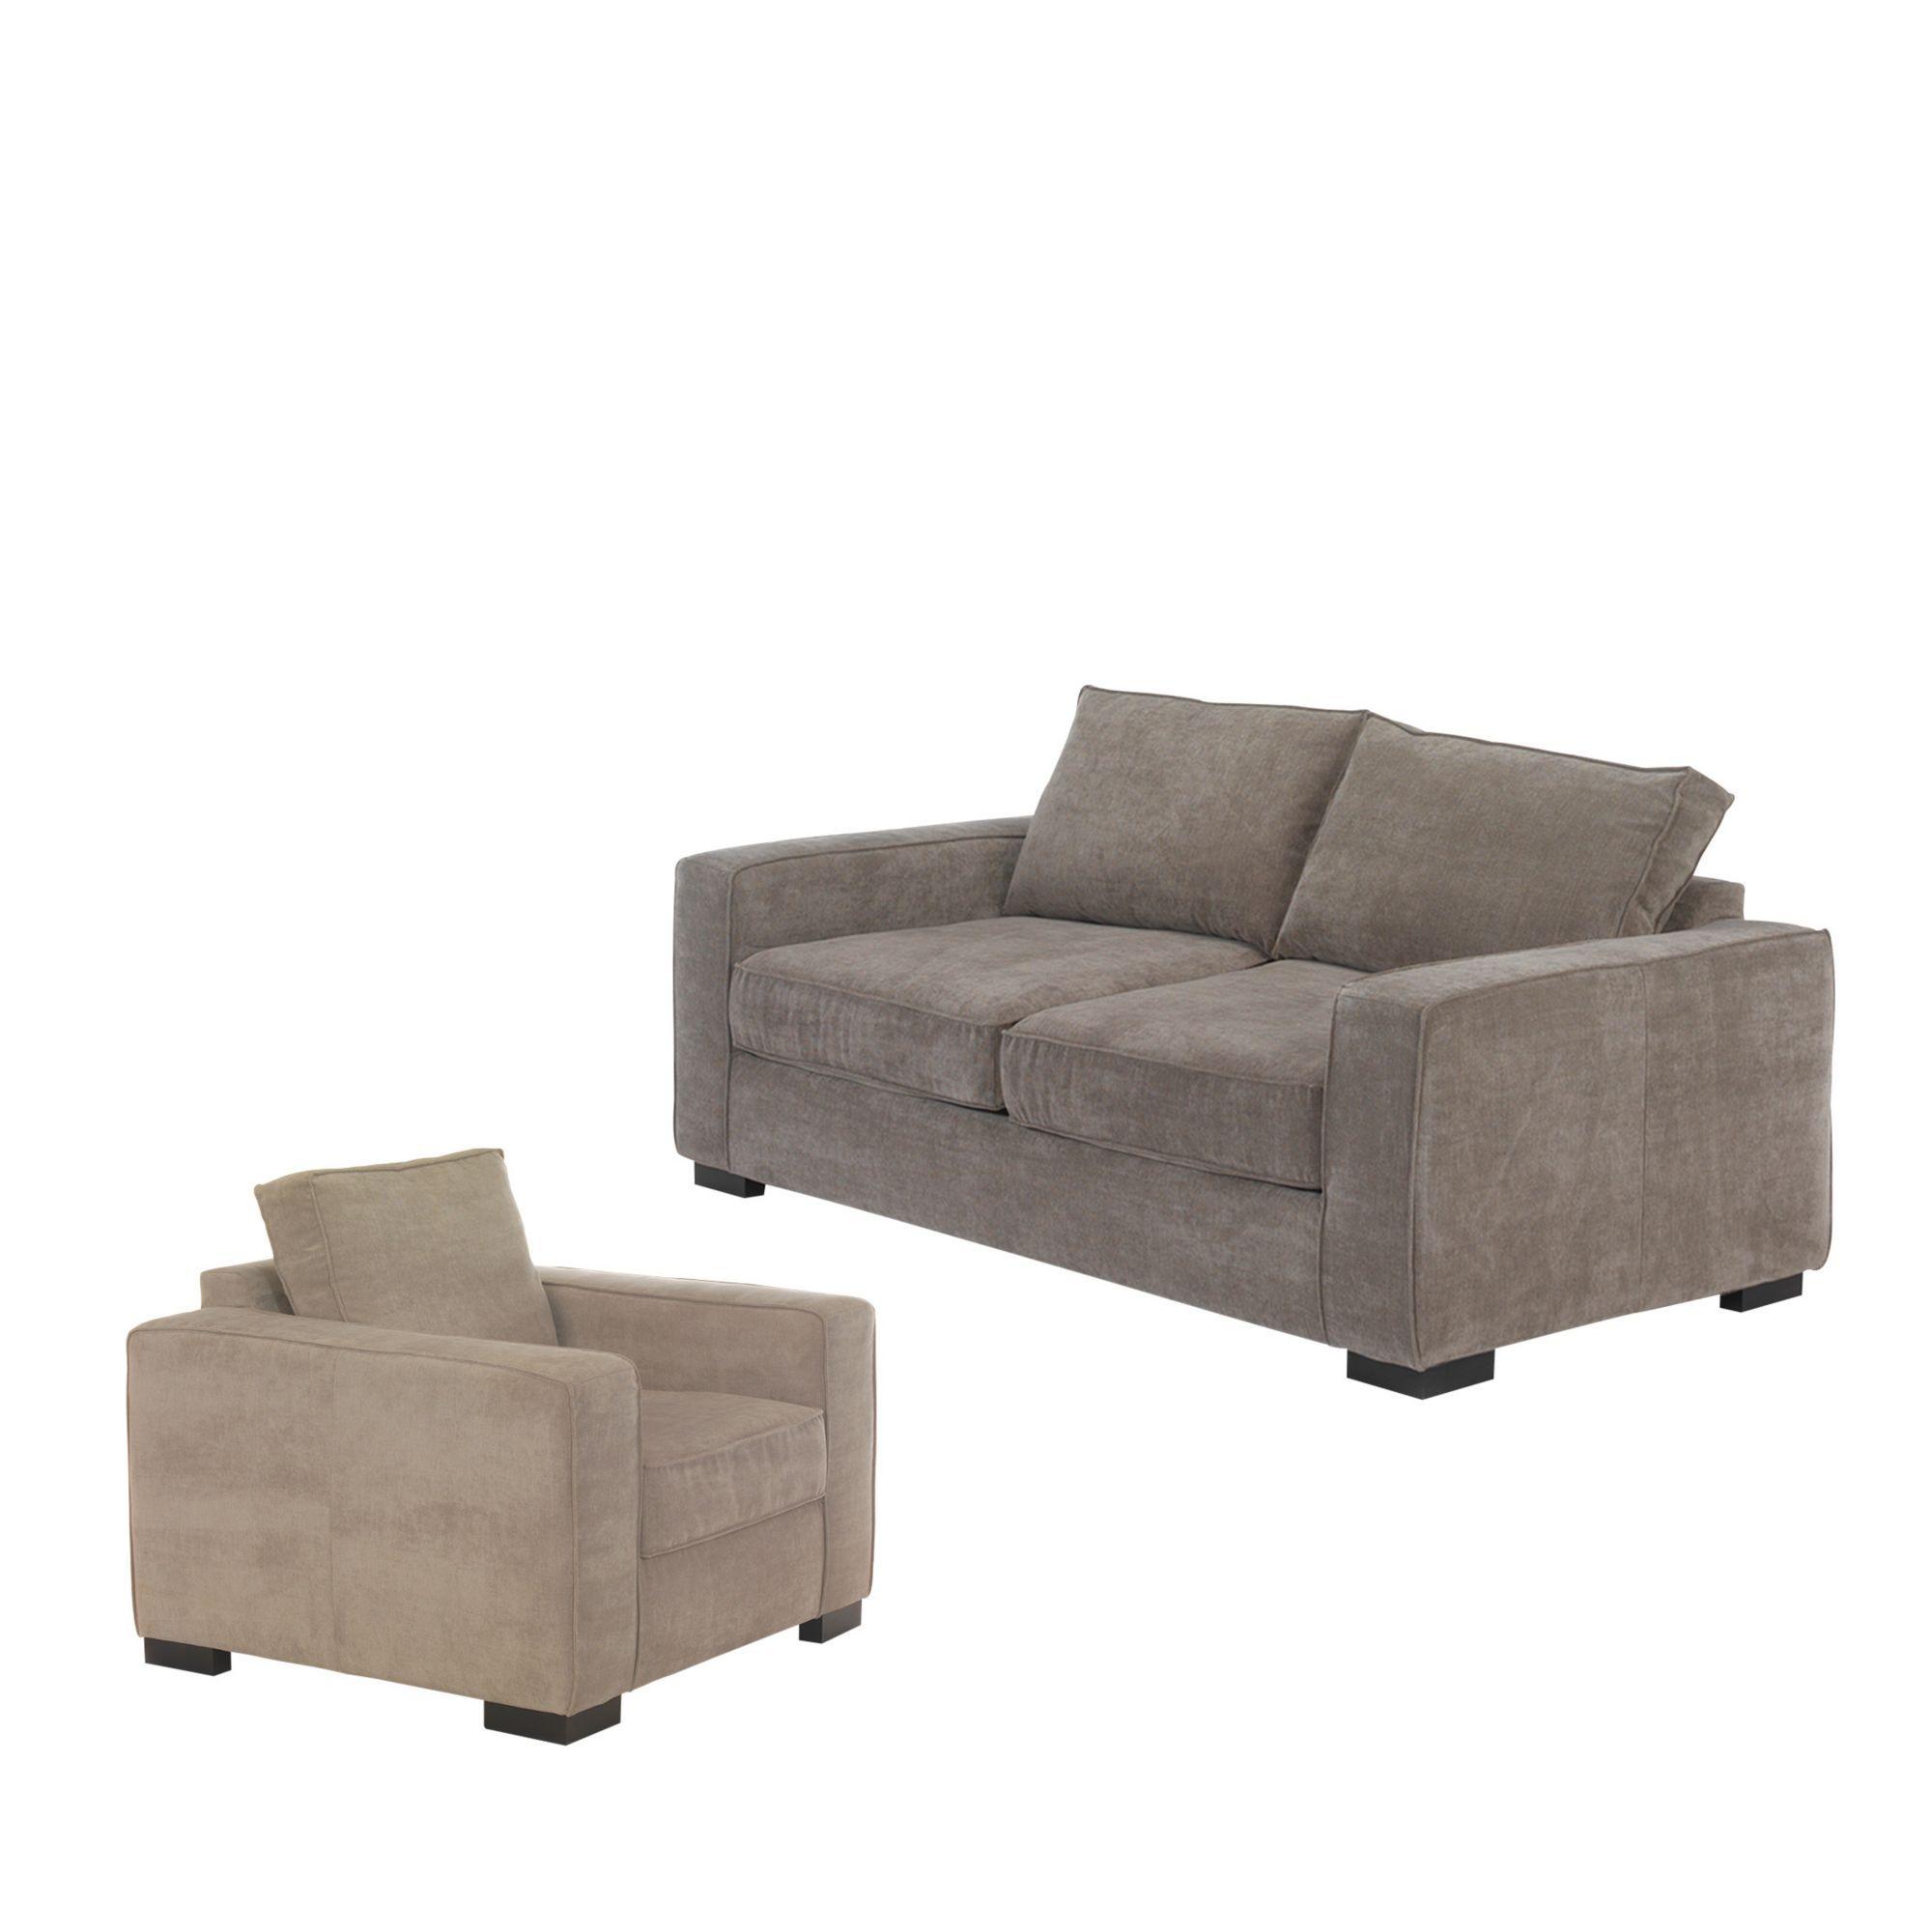 Canapé 3 places convertible café au lait avec fauteuil Café au